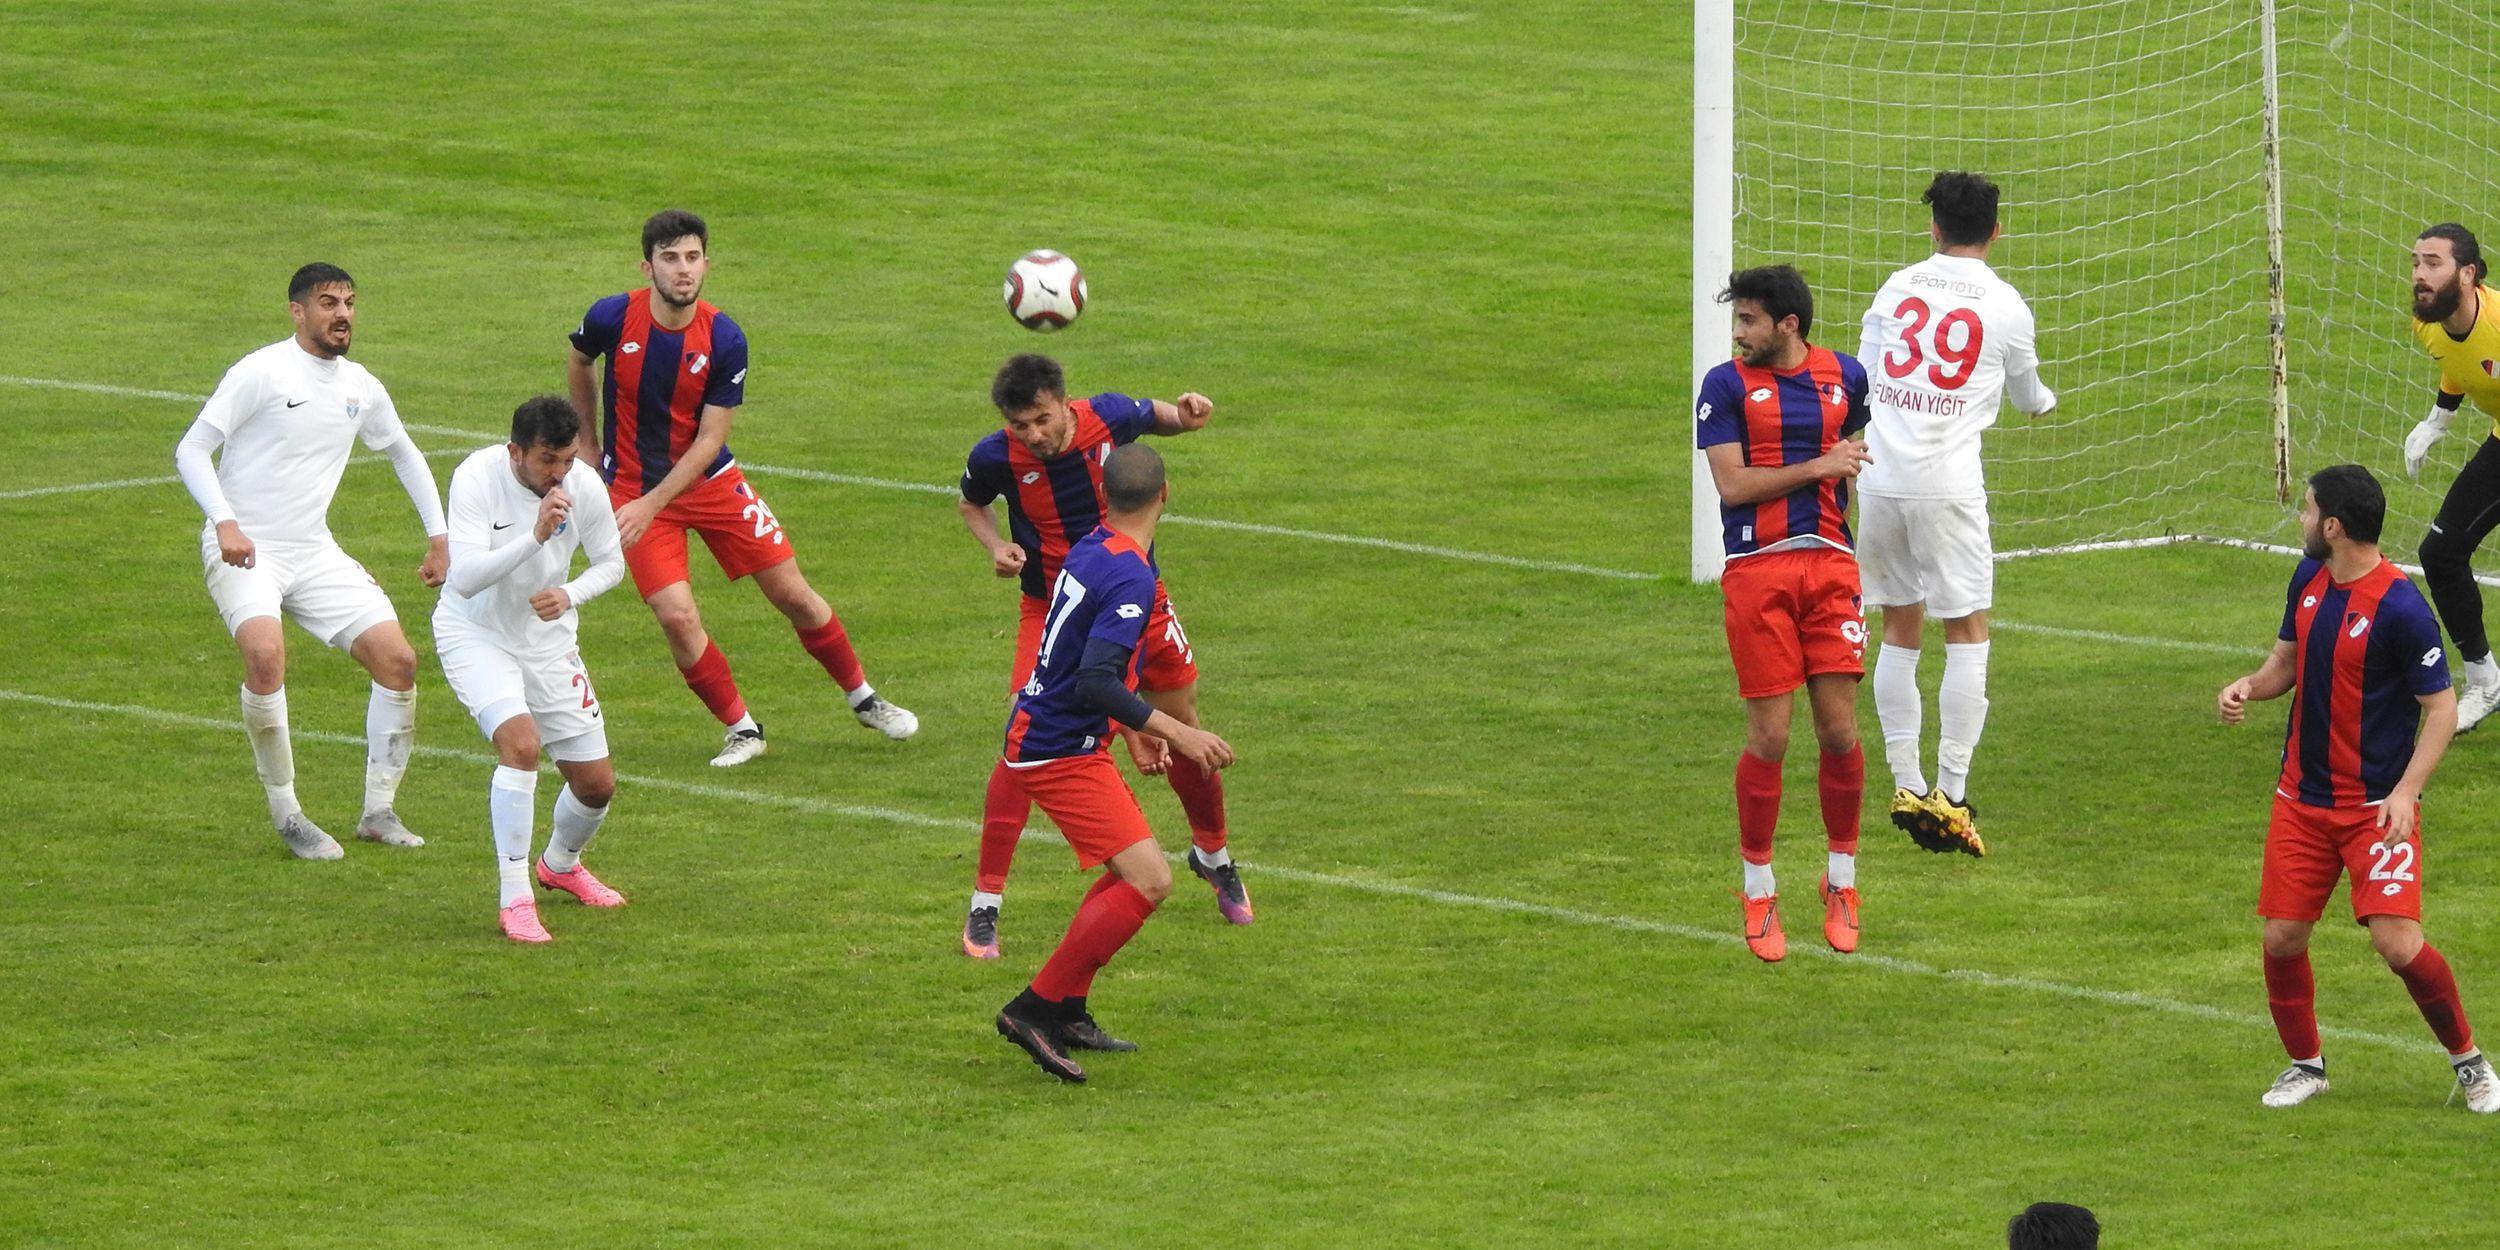 Düzcespor 3-1 Elaziz Belediyespor